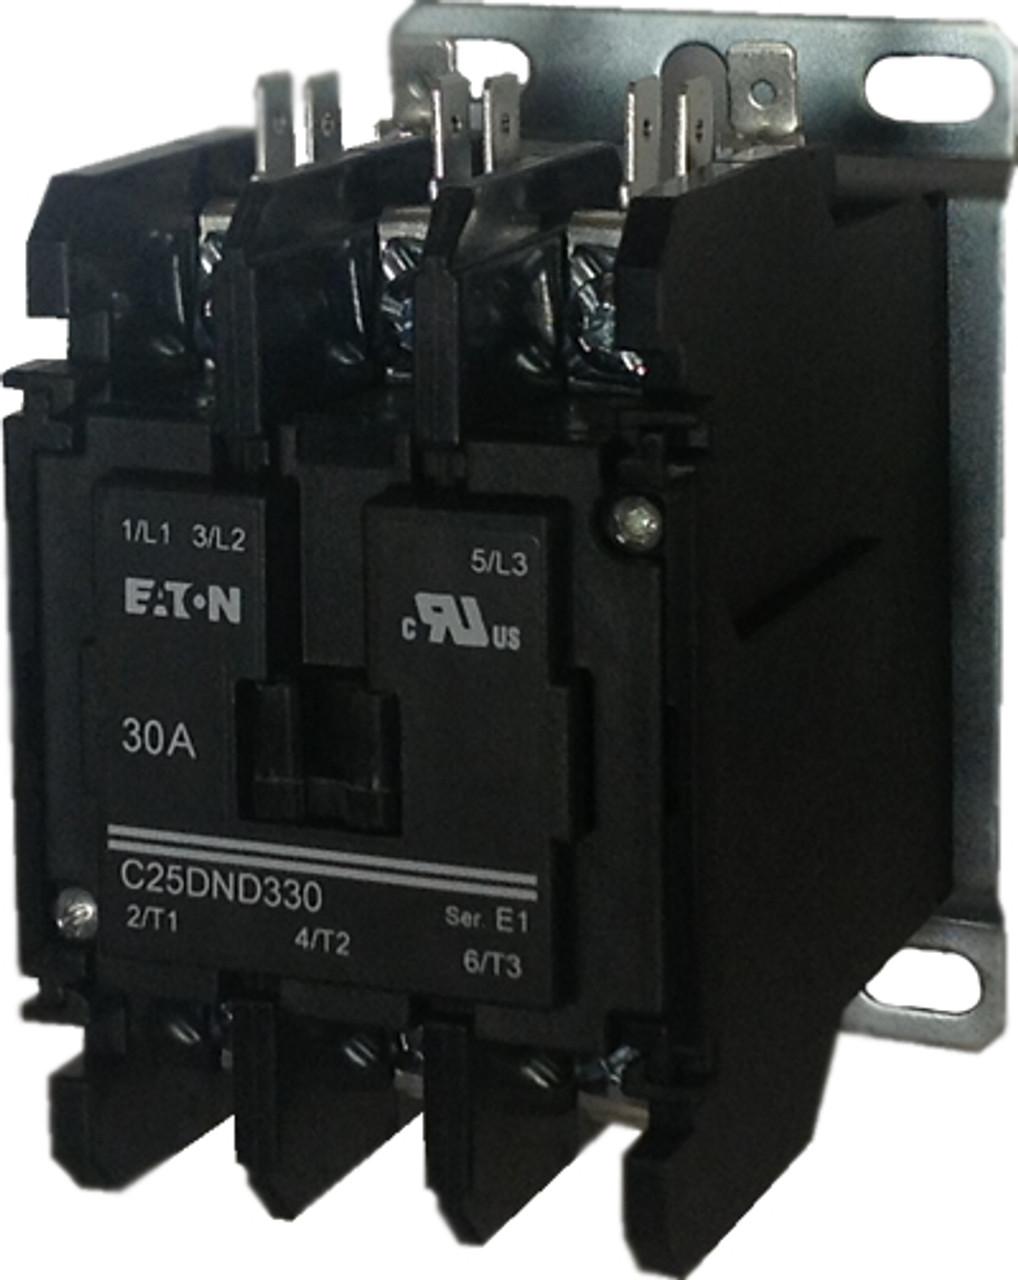 Eaton C25DND330H contactor